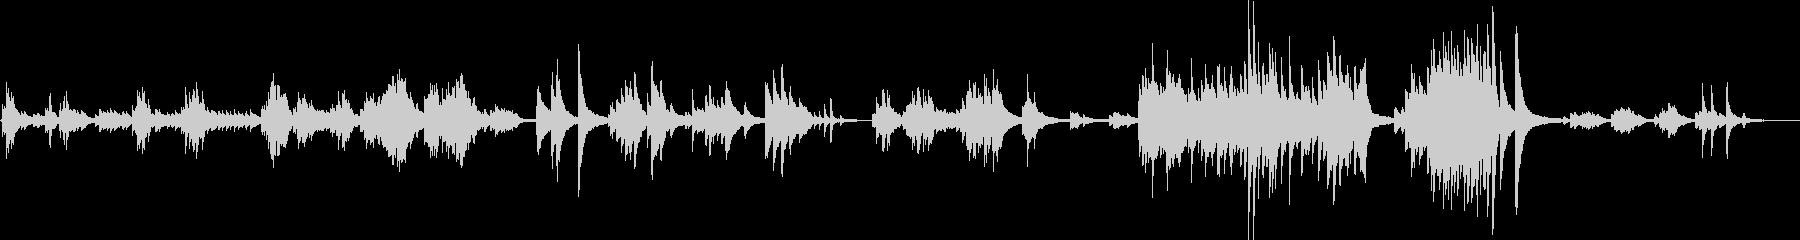 悲しいピアノバラード(切ない・儚い)の未再生の波形